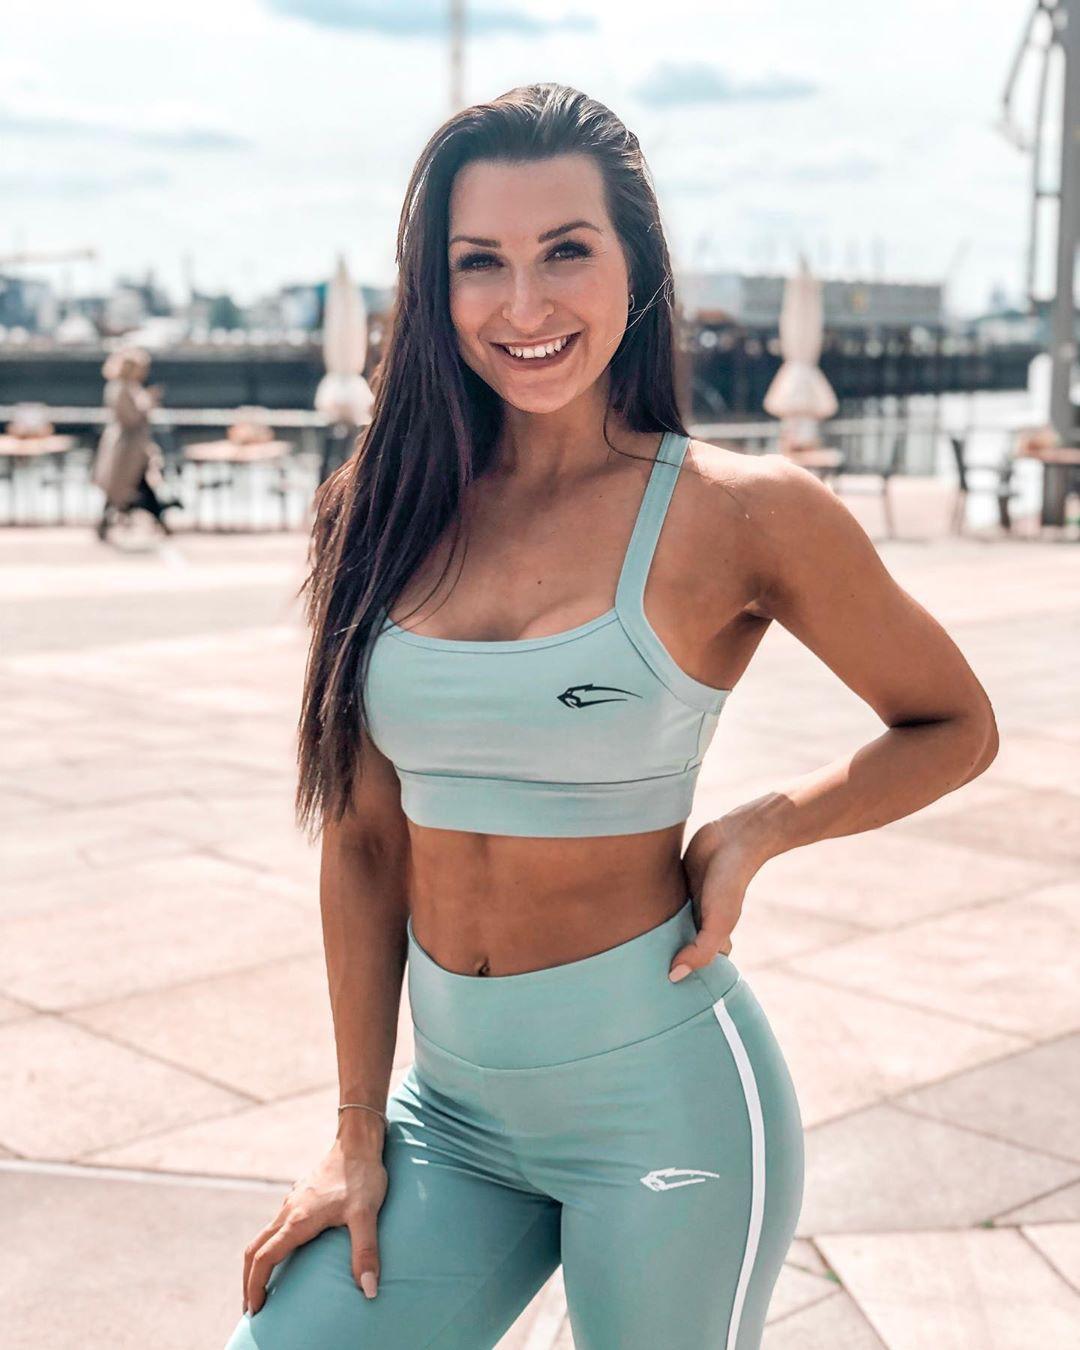 Eva Saischegg hot photo, undergarment active pants, sportswear matching dress